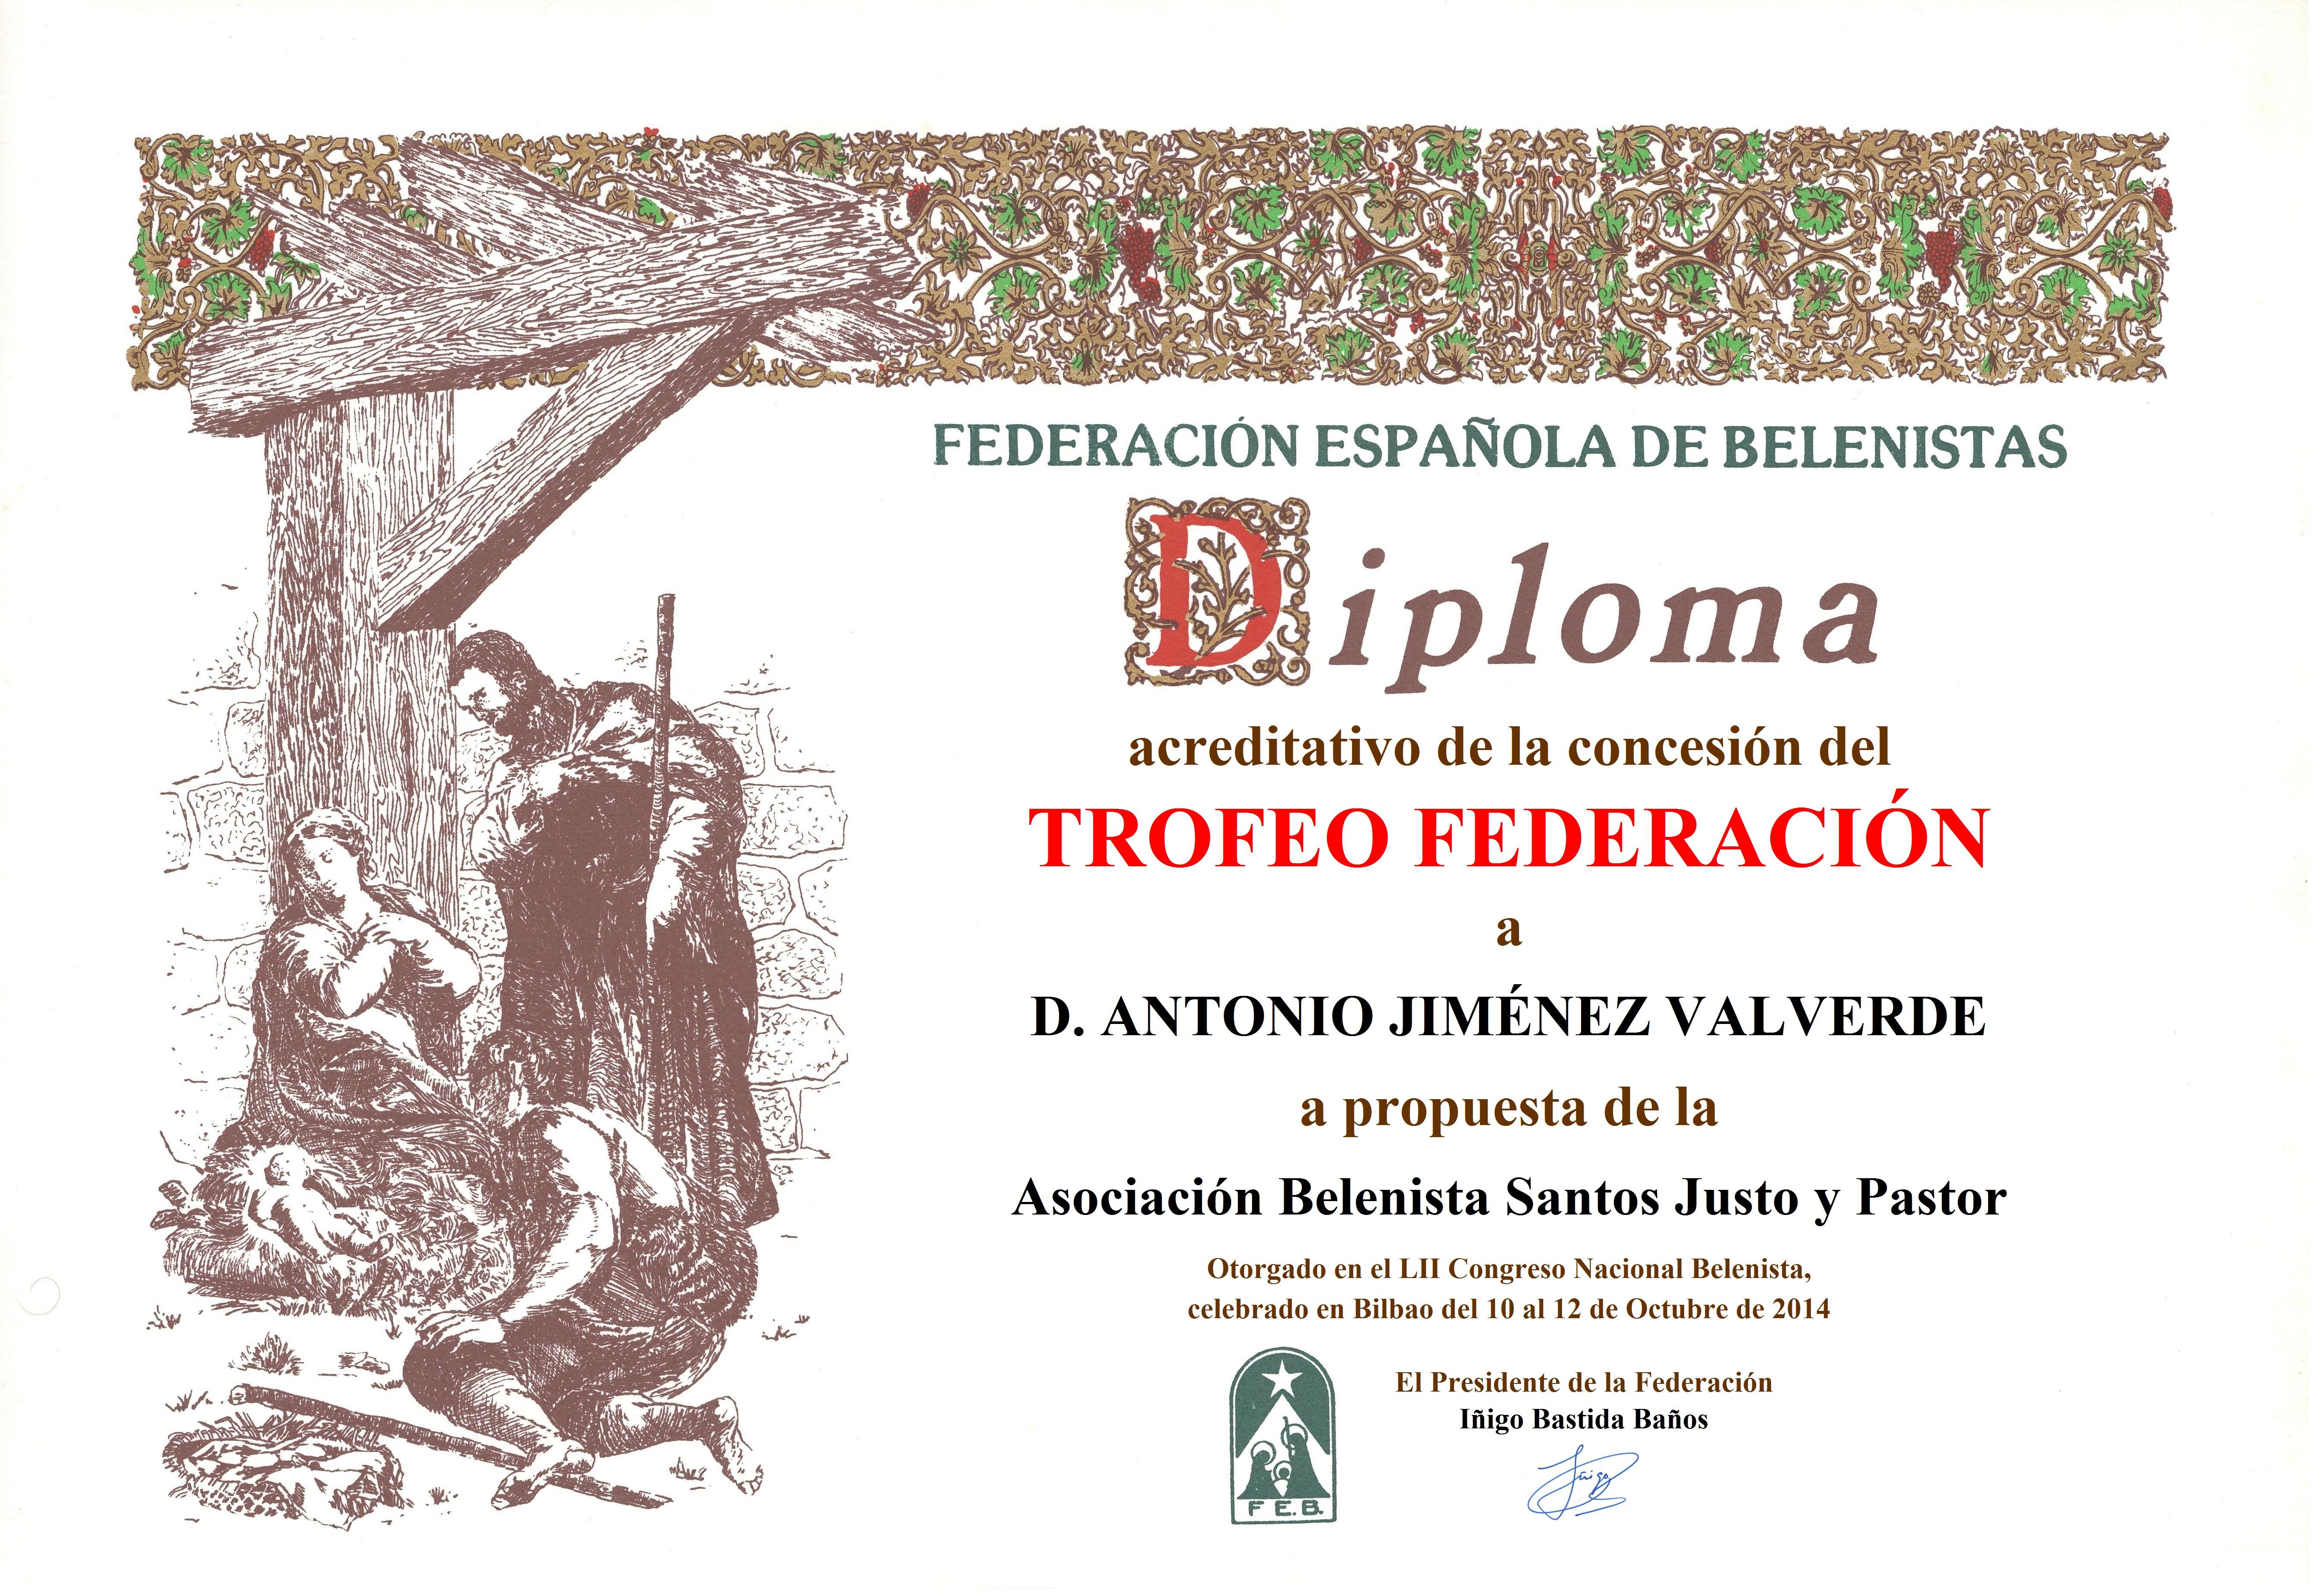 Diploma Trofeo FEB 2014 Antonio Jiménez Valverde